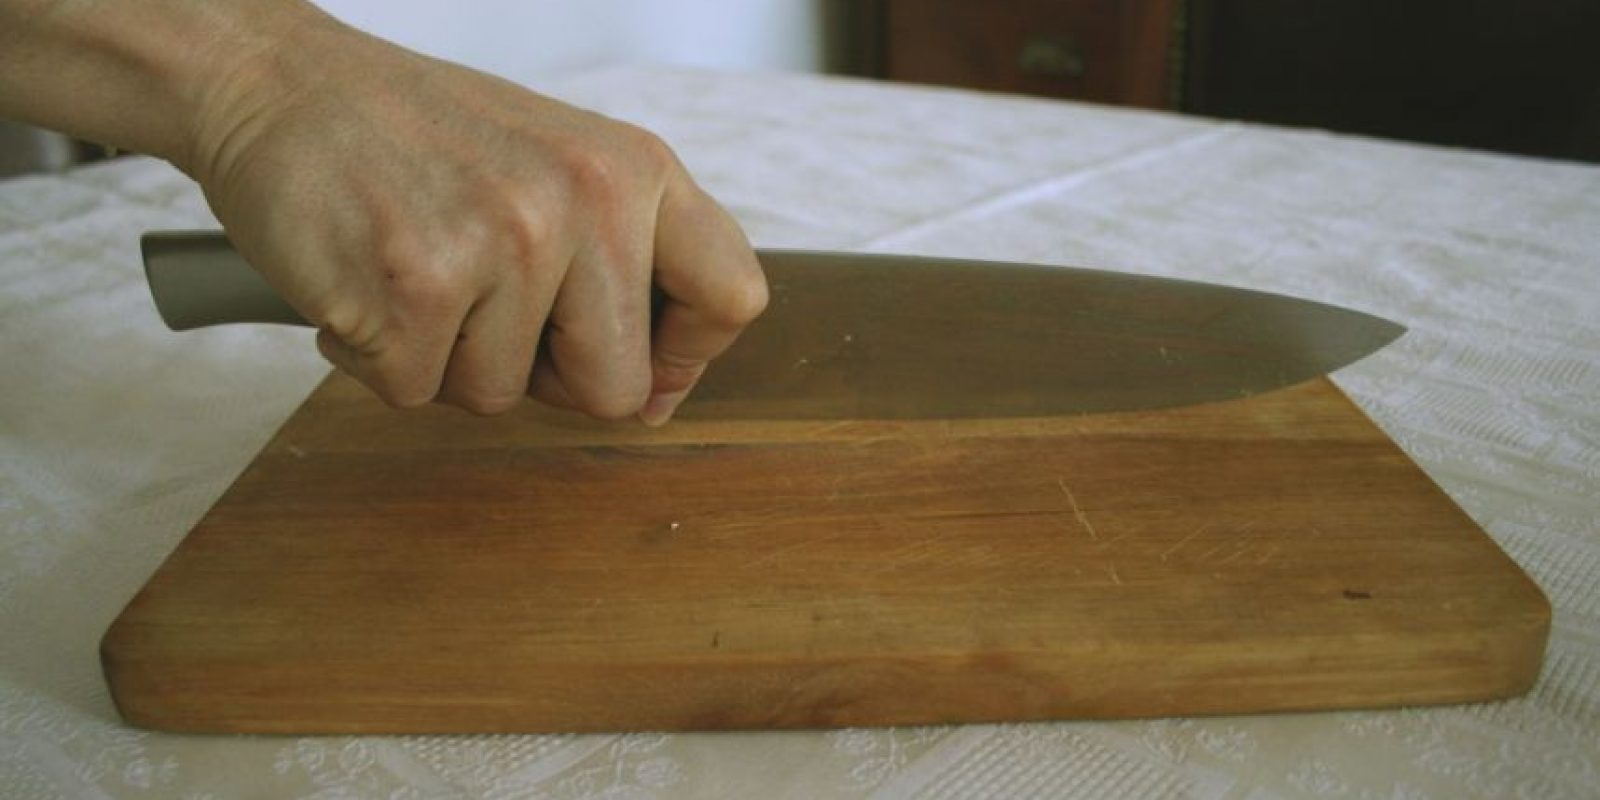 Las tablas de picar, el refrigerador/heladera y las esponjas y paños son focos importantes de microorganismos, según el informe del Consejo de Higiene. Foto:Wikipedia